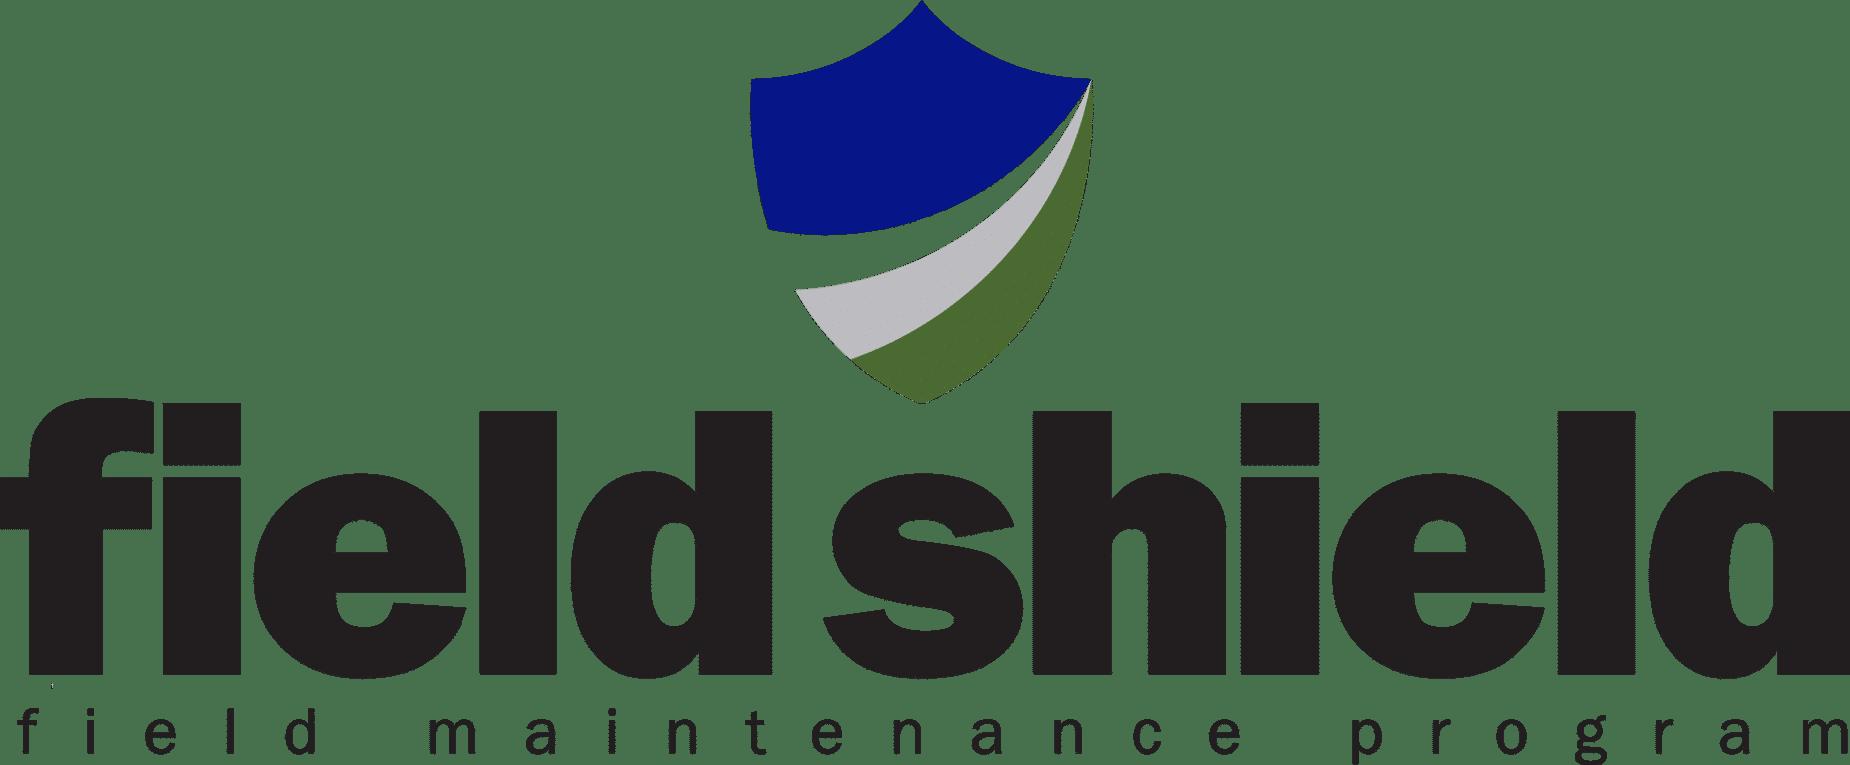 Field Shield - field maintenance program